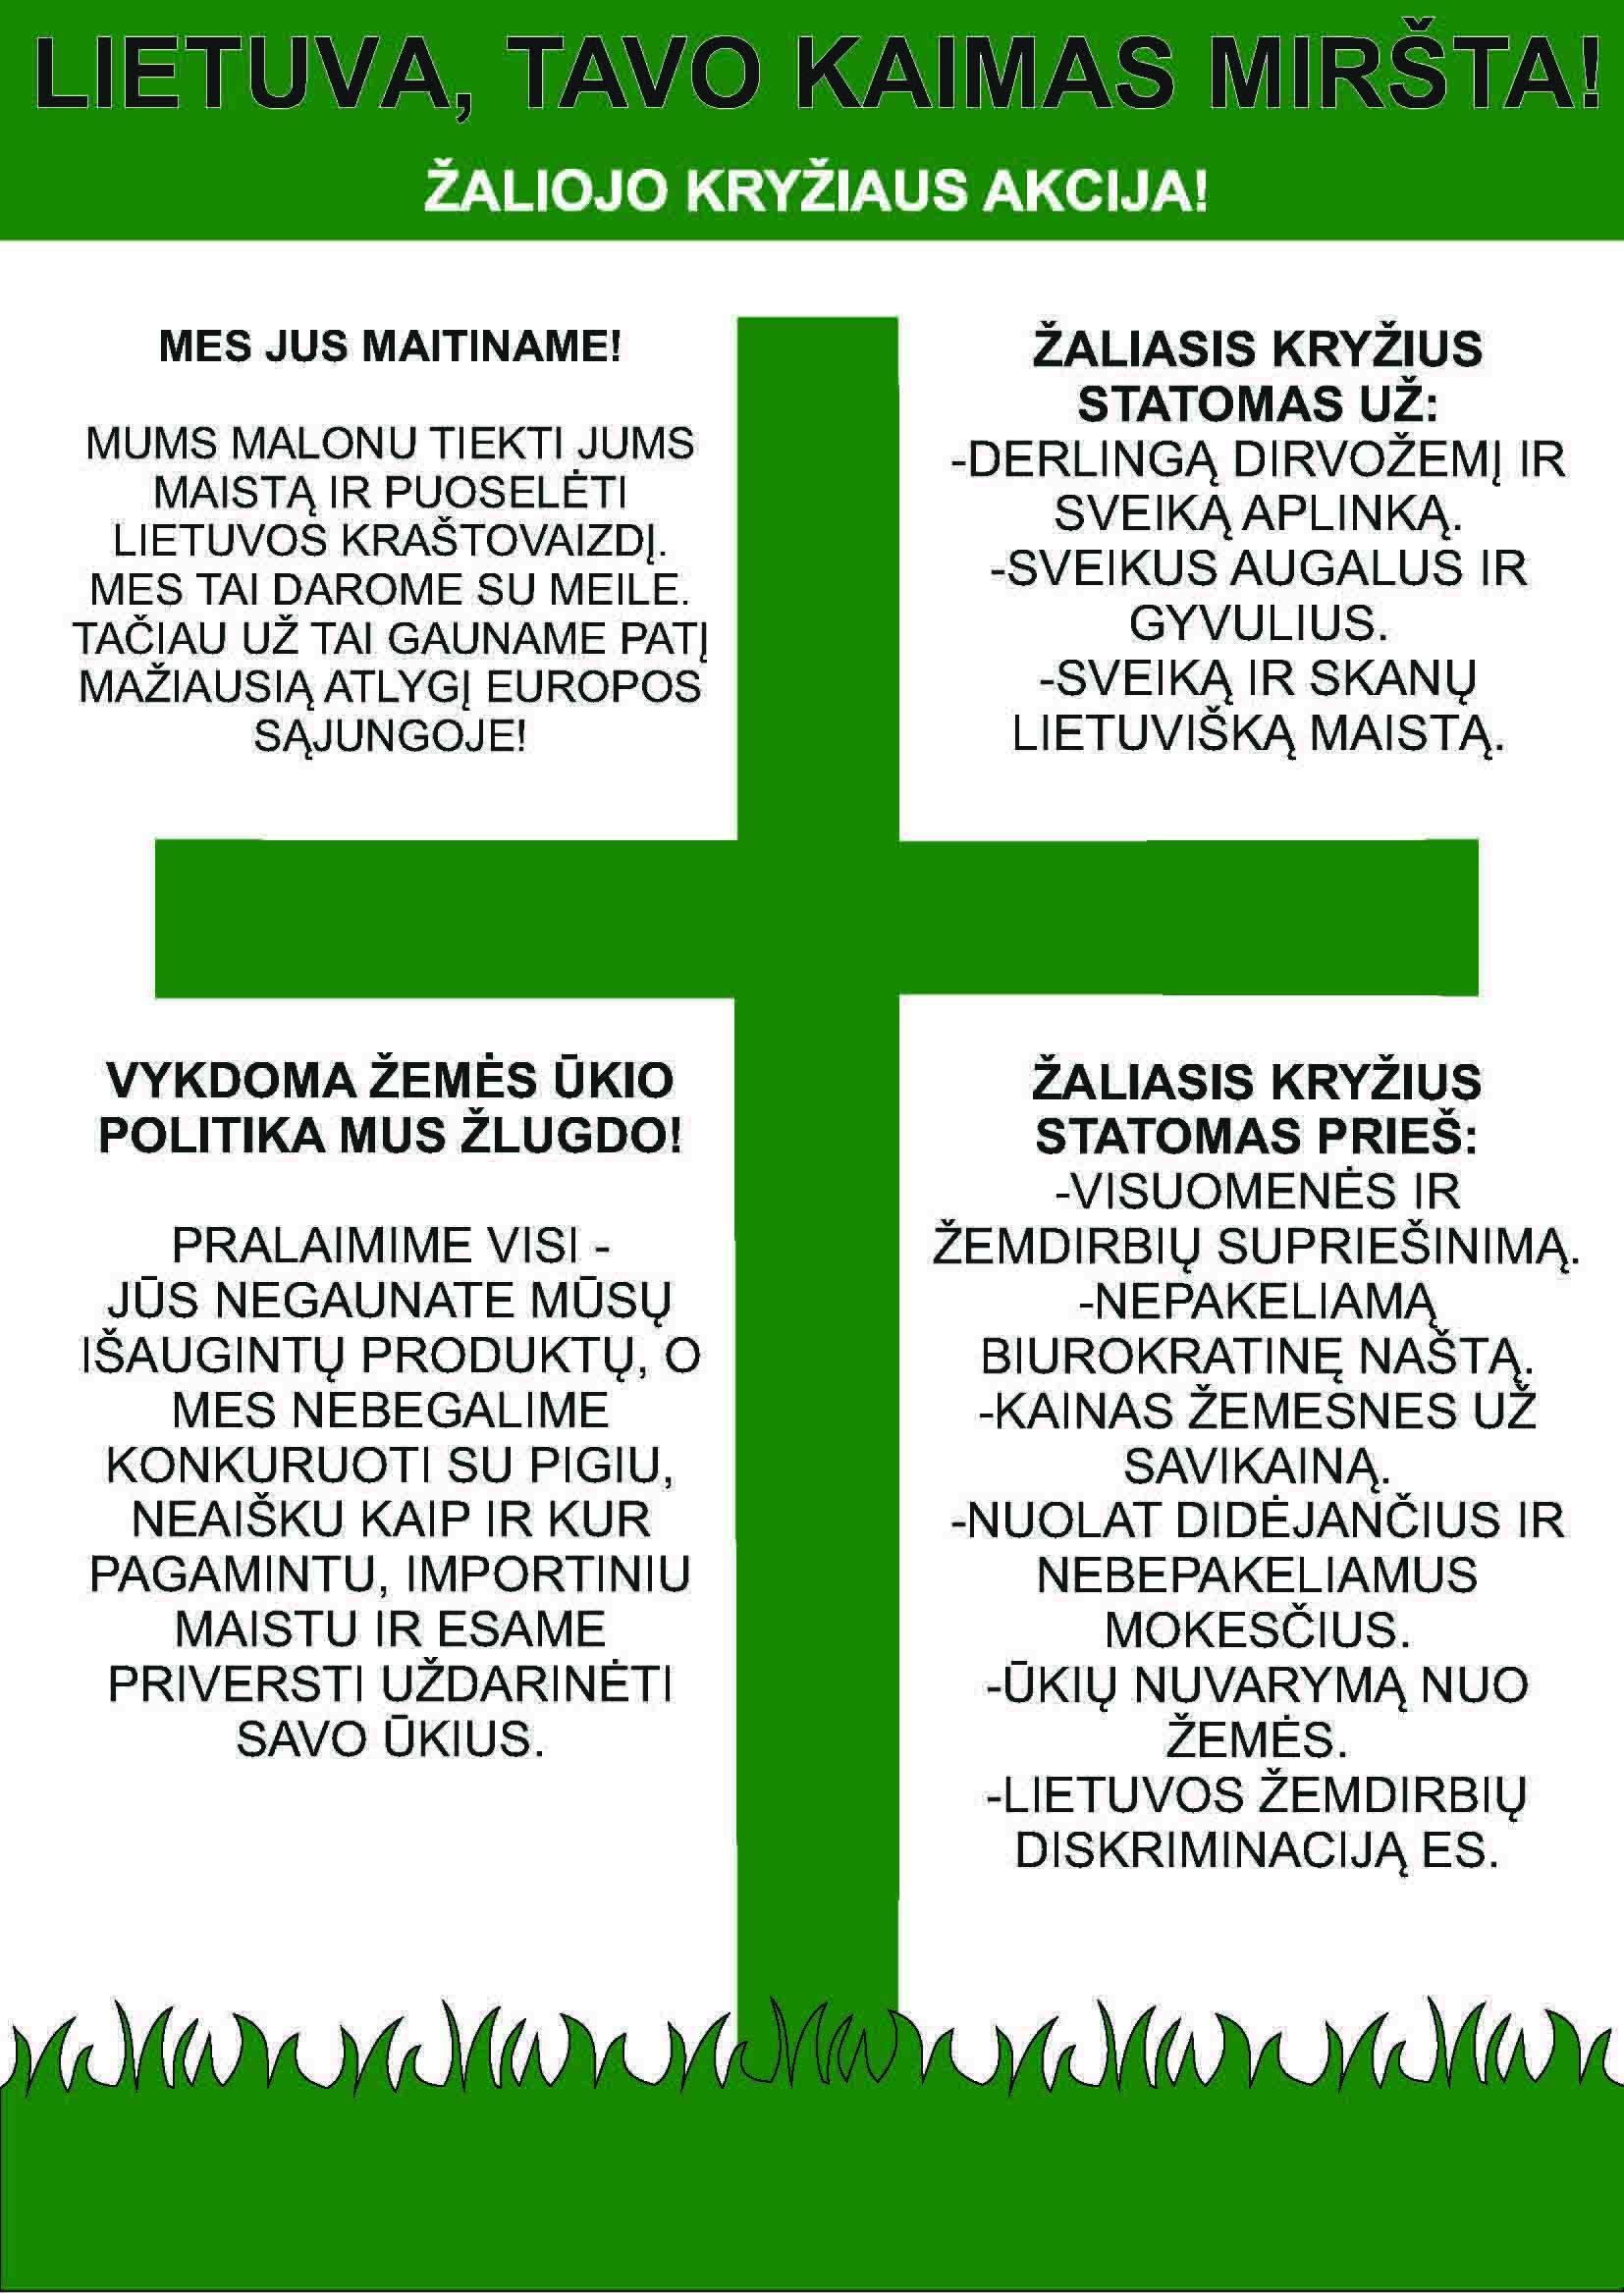 Zaliasis kryzius